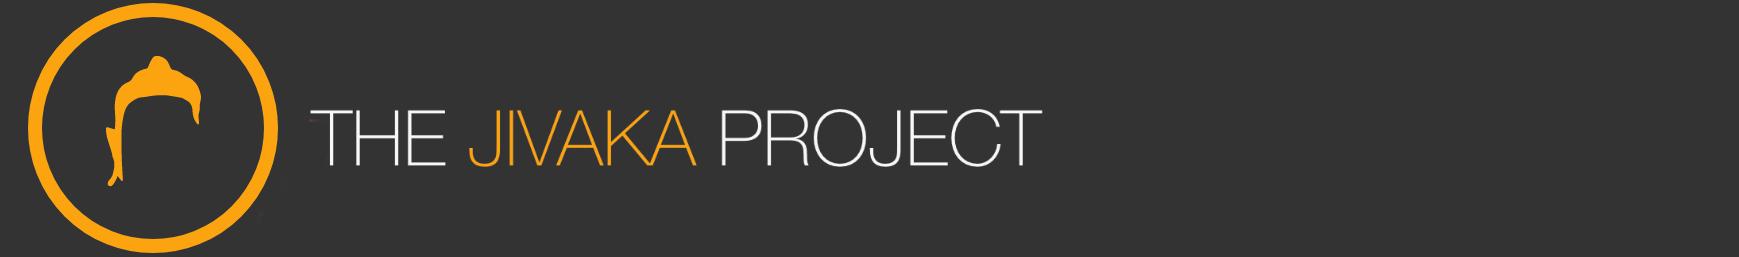 The Jivaka Project